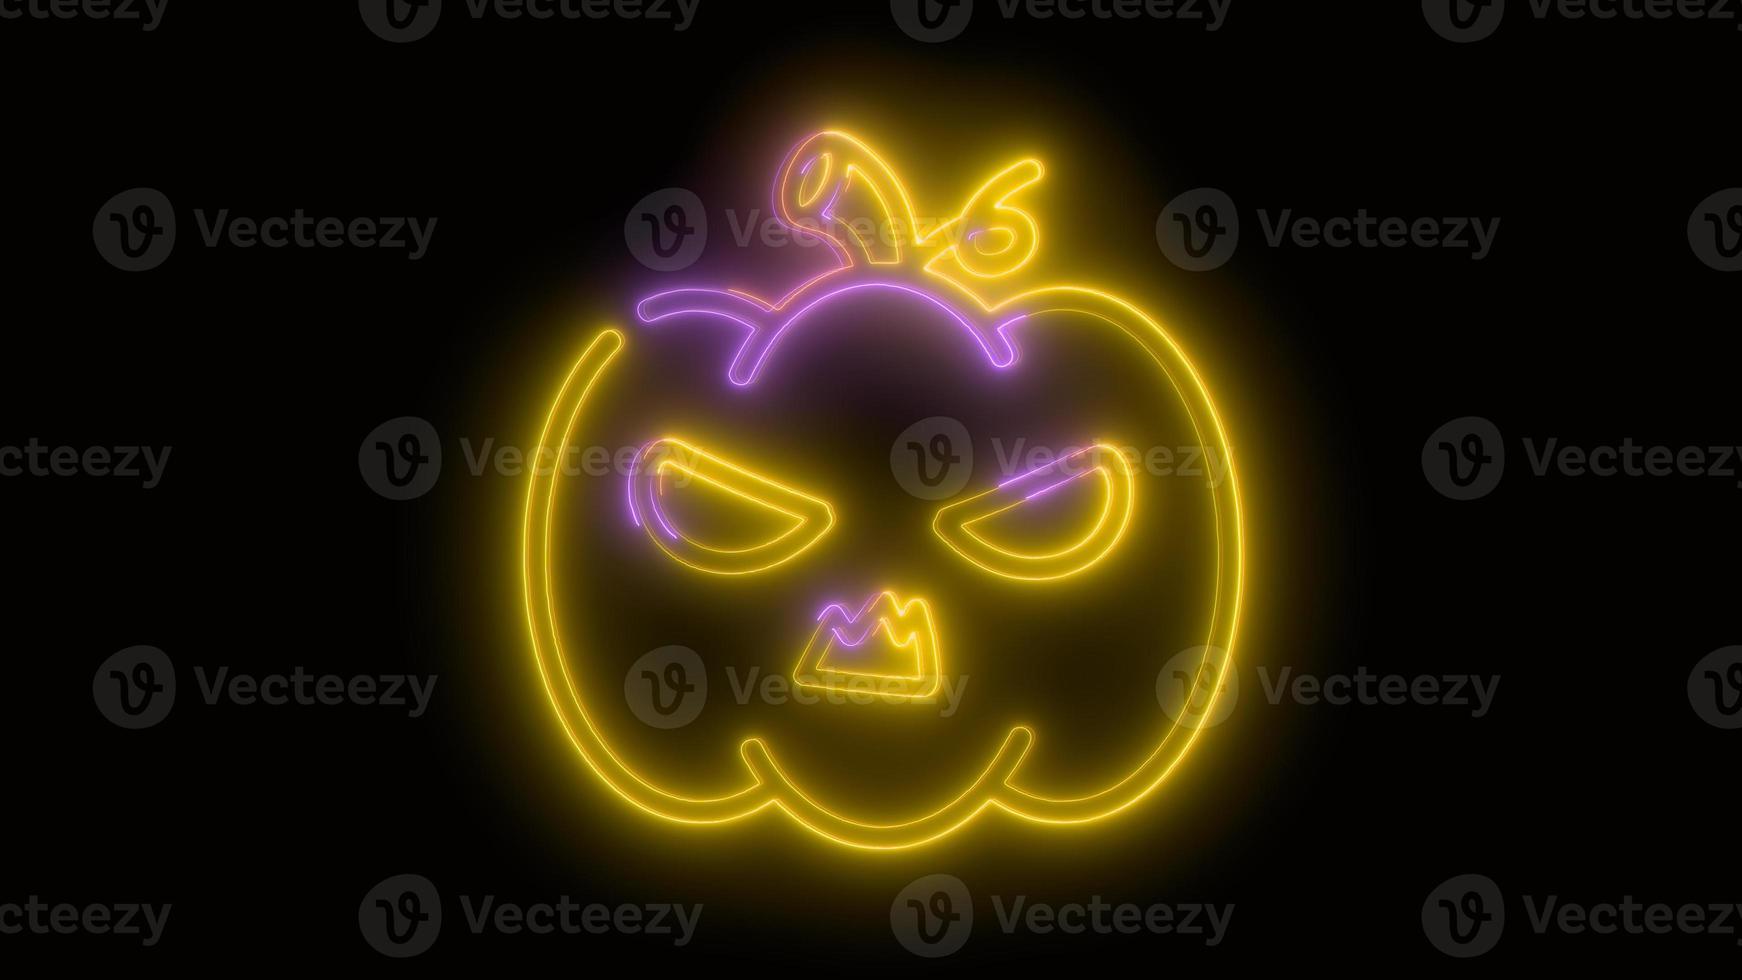 calabaza de halloween de color amarillo neón, emoji, render 3d, foto